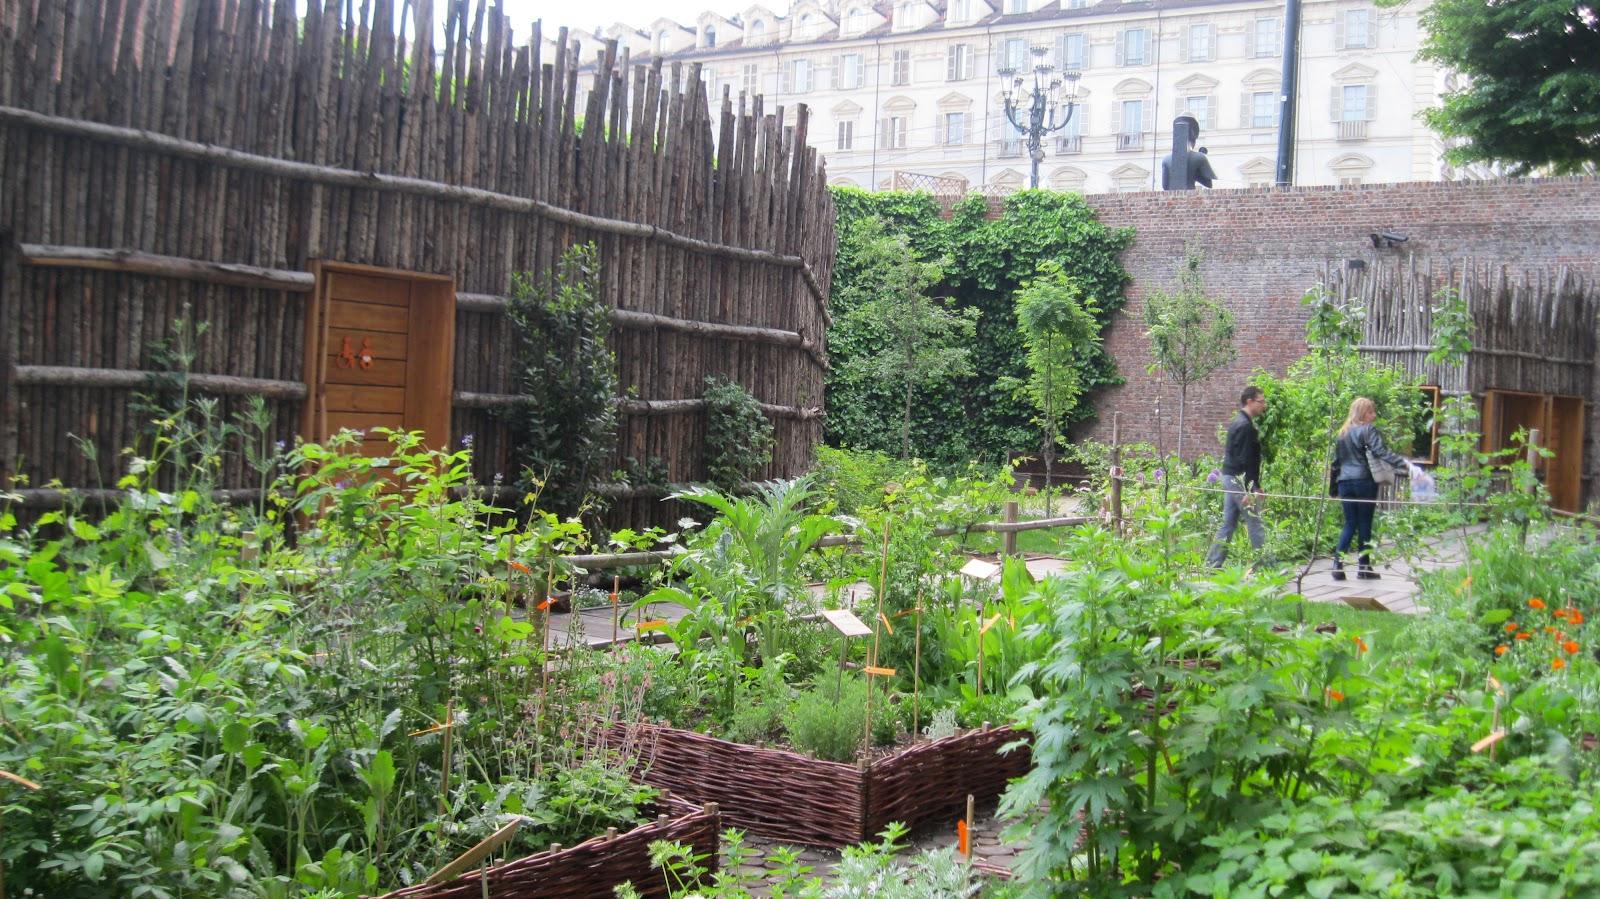 Archi tetti il giardino dei semplici - Il giardino dei semplici ...